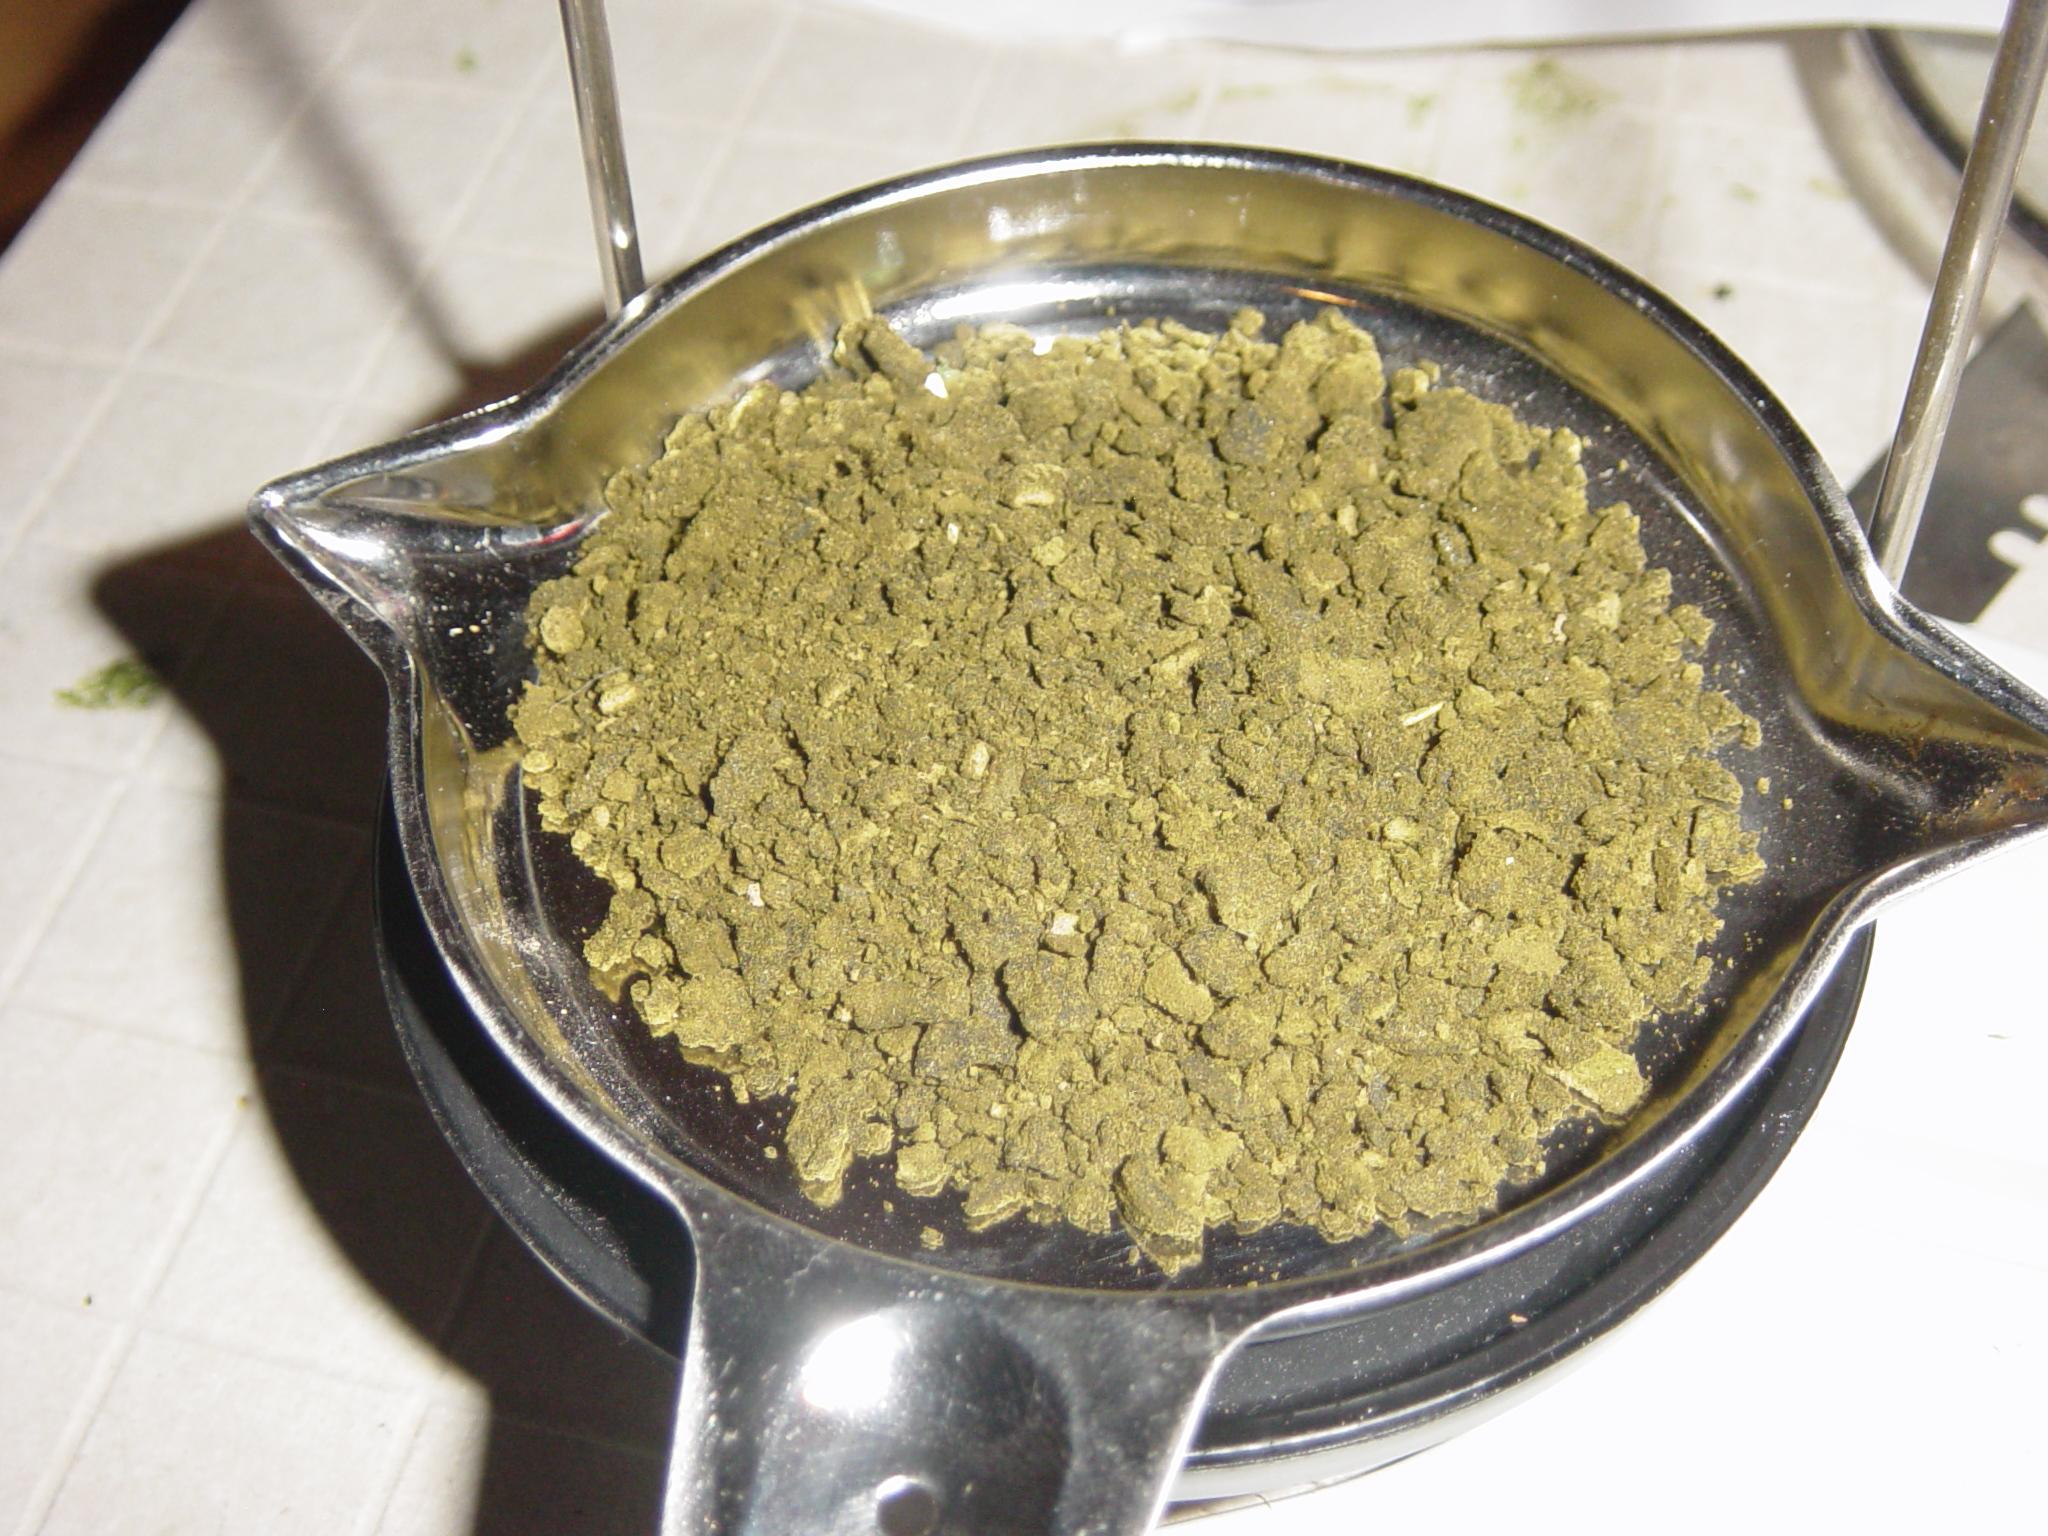 Acetone + Isopropyl alcohol = Mescaline Extraction - Botanicals